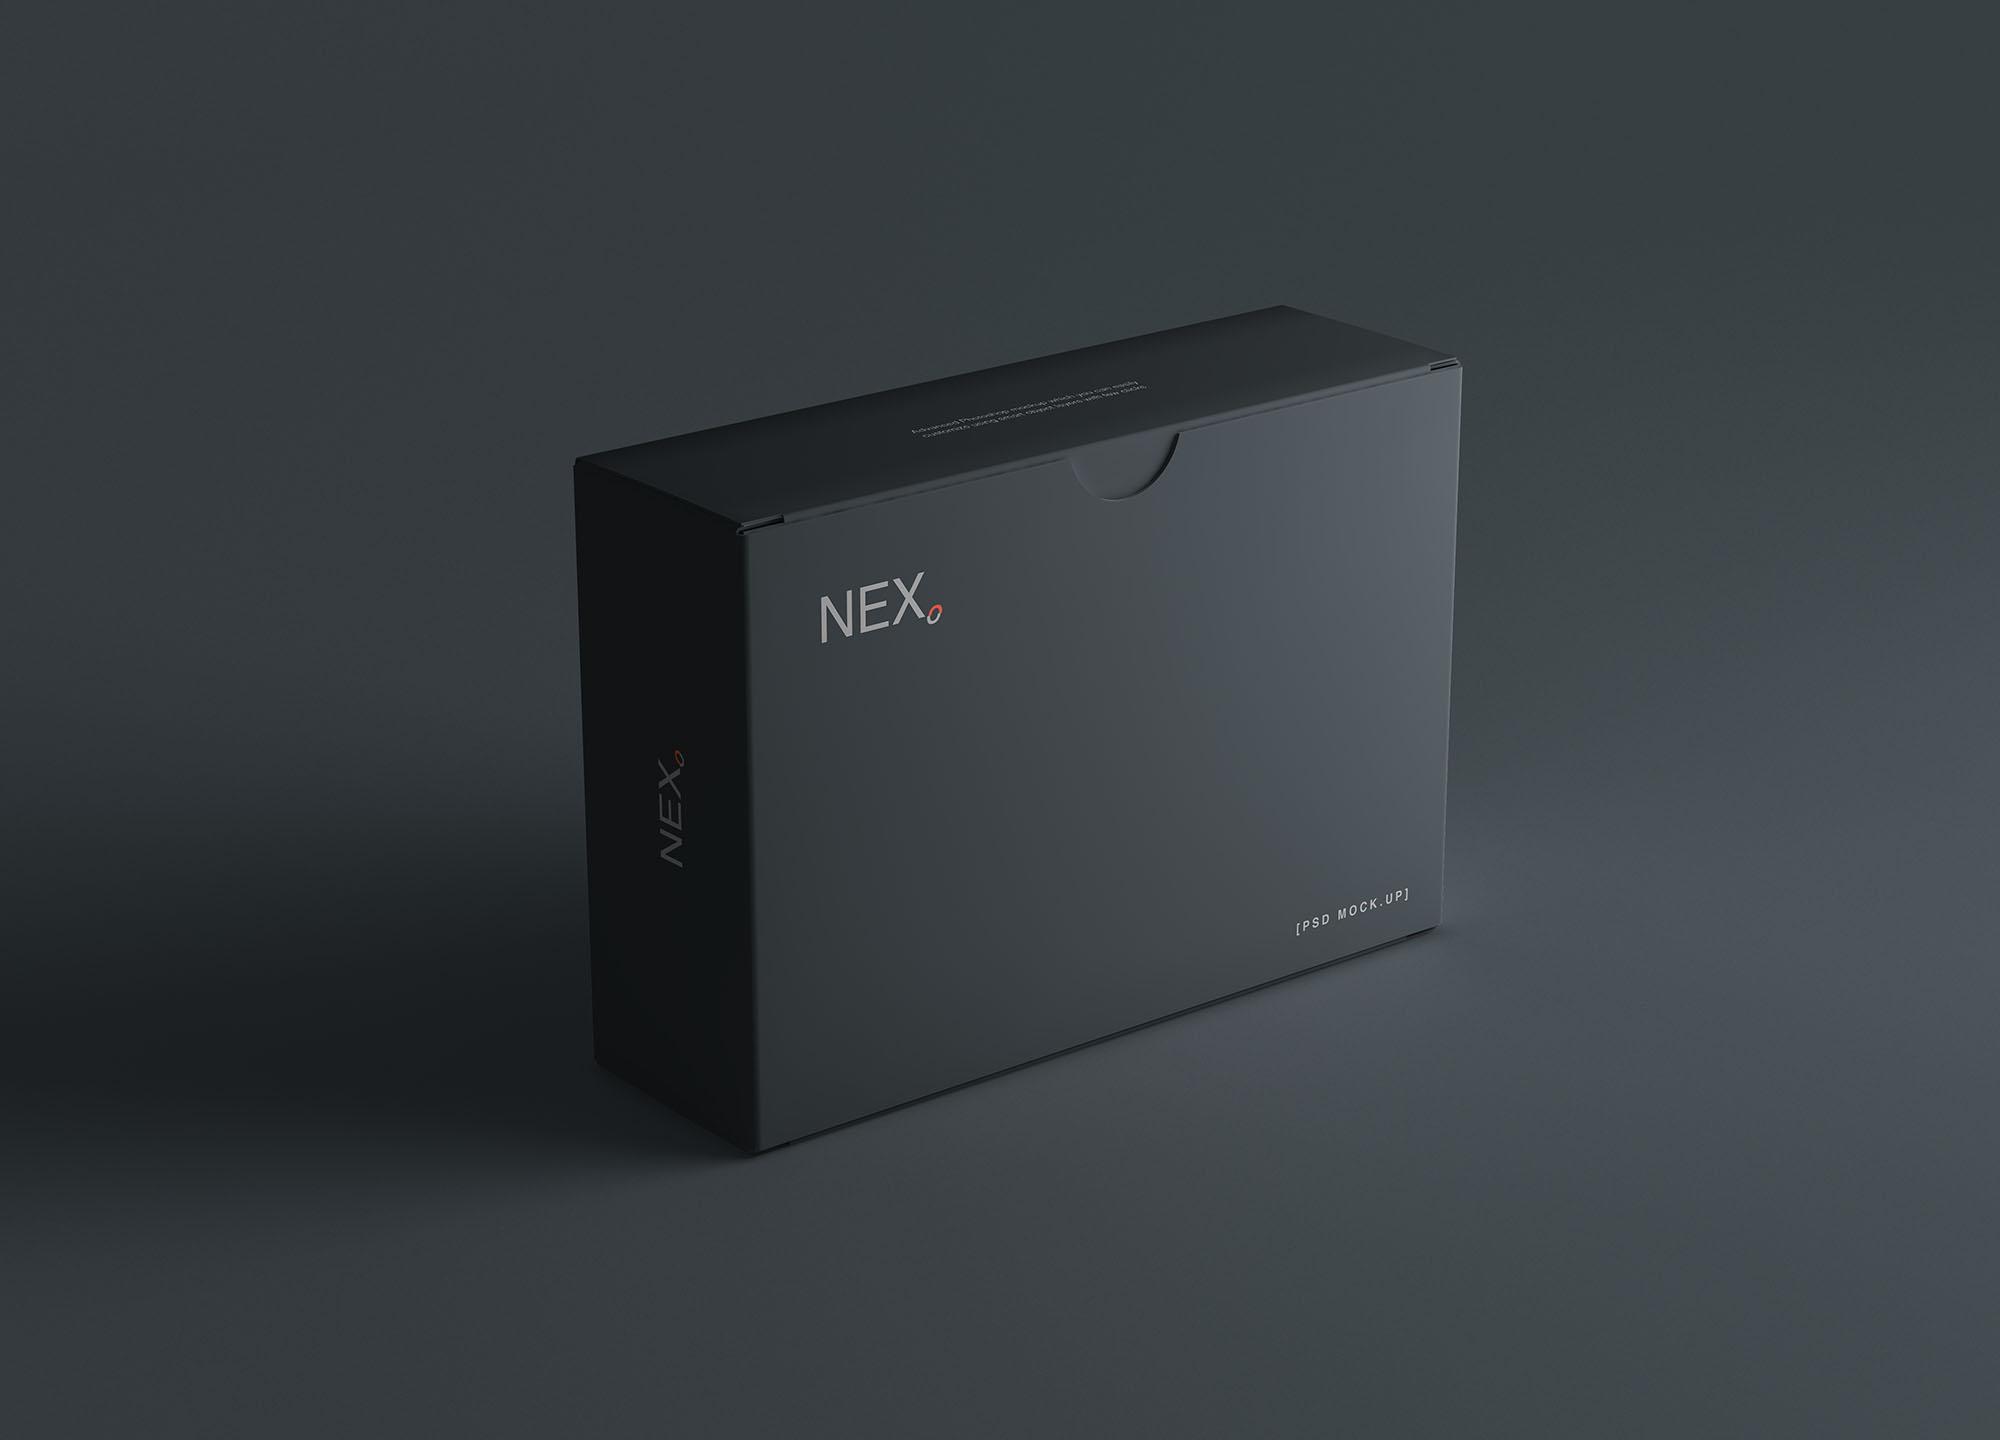 Card Box Mockup 1